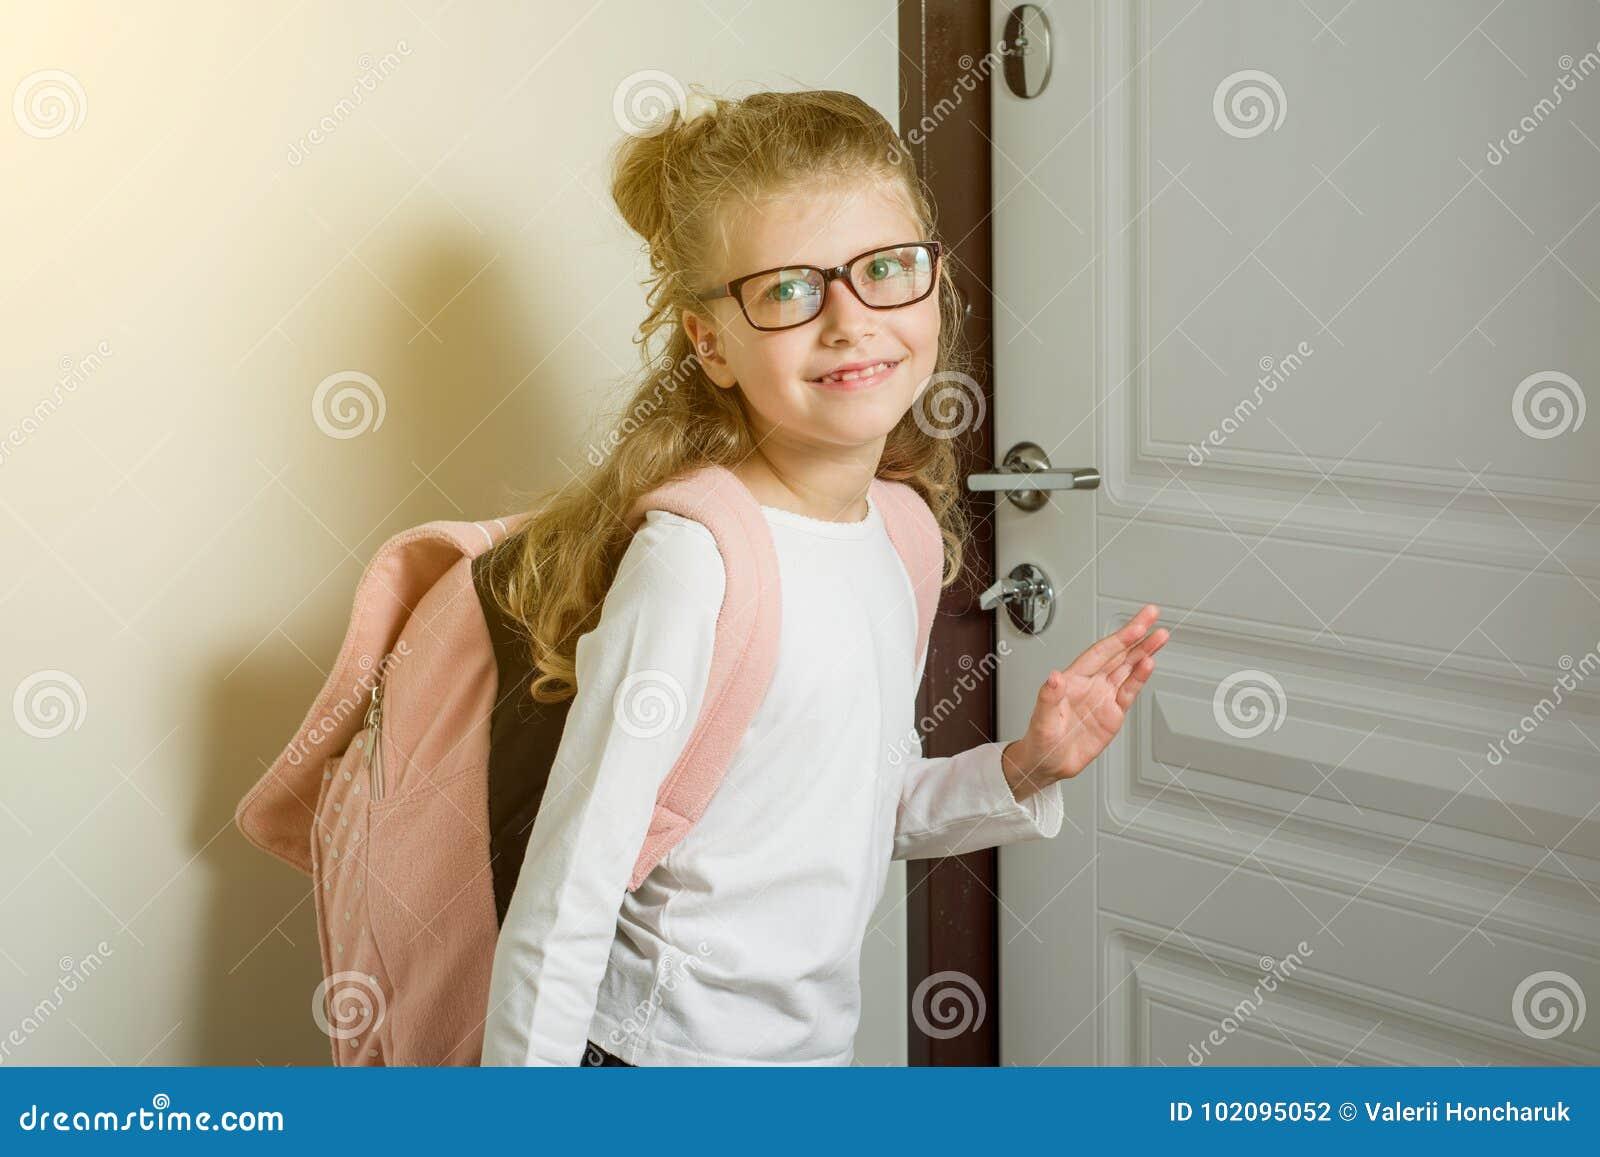 Colegiala menor linda con el pelo rubio que va a la escuela, colocándose